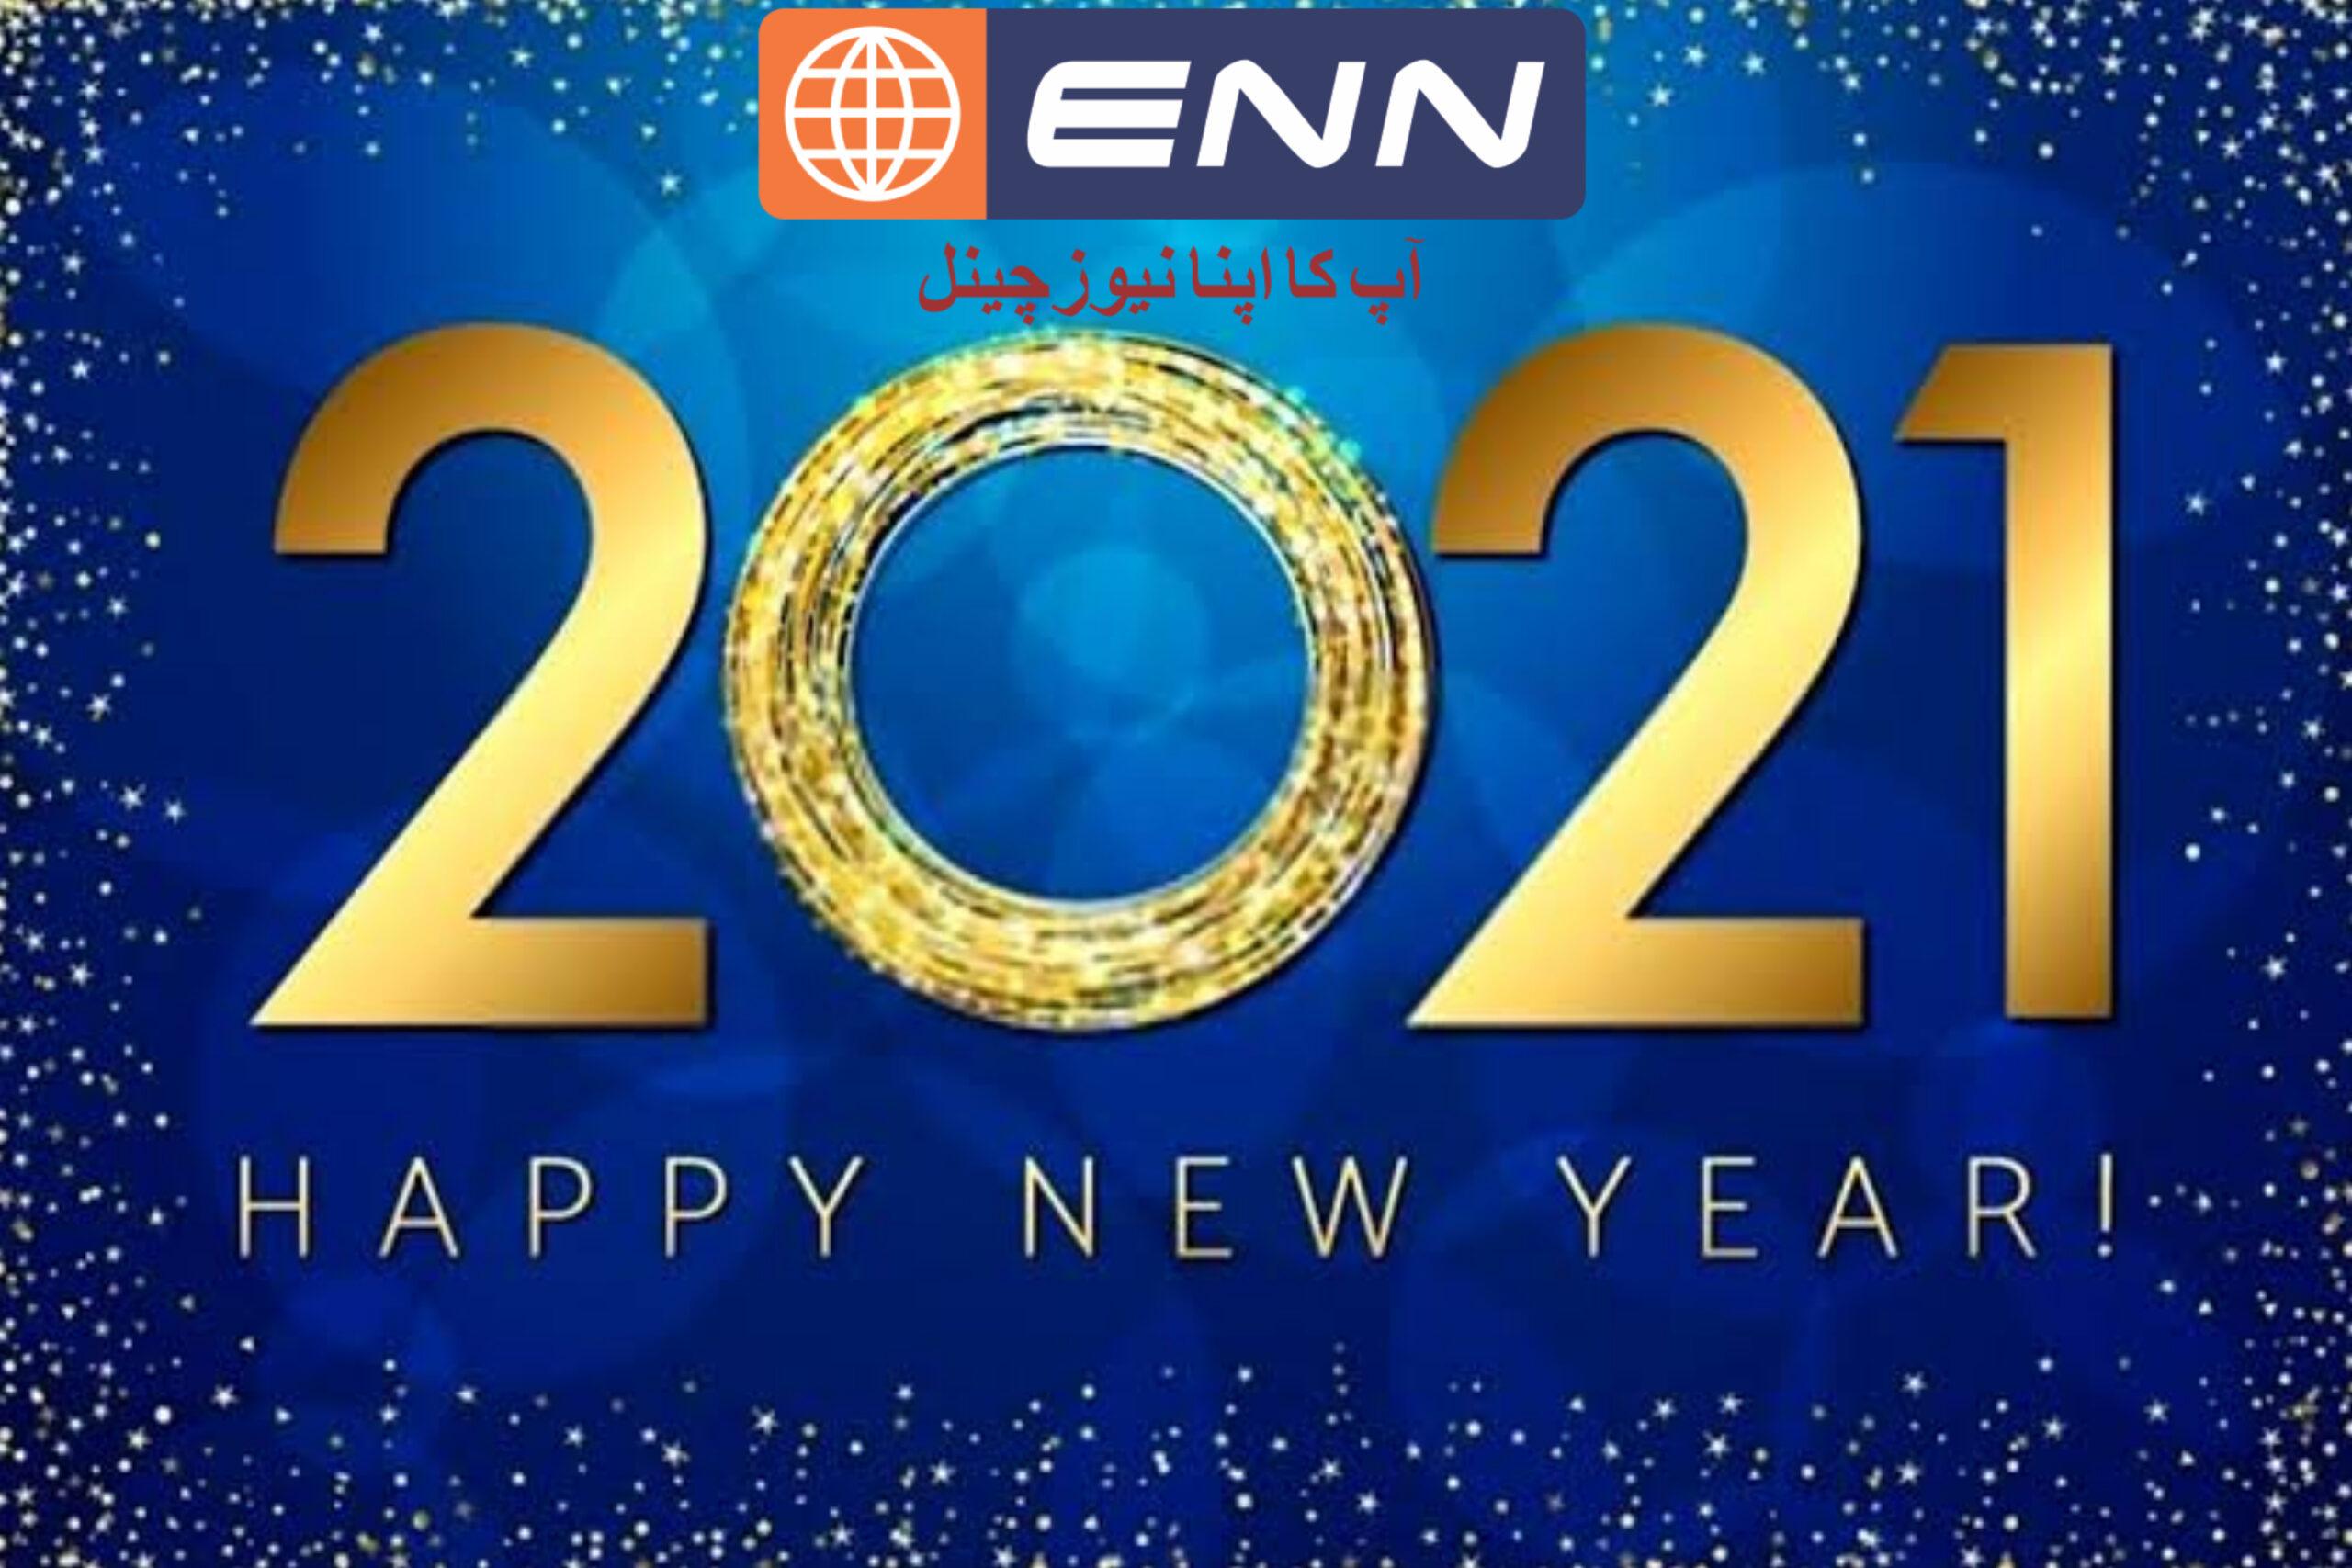 2020ء ماضی کا حصہ، نئے سال کا آغاز ہوگیا